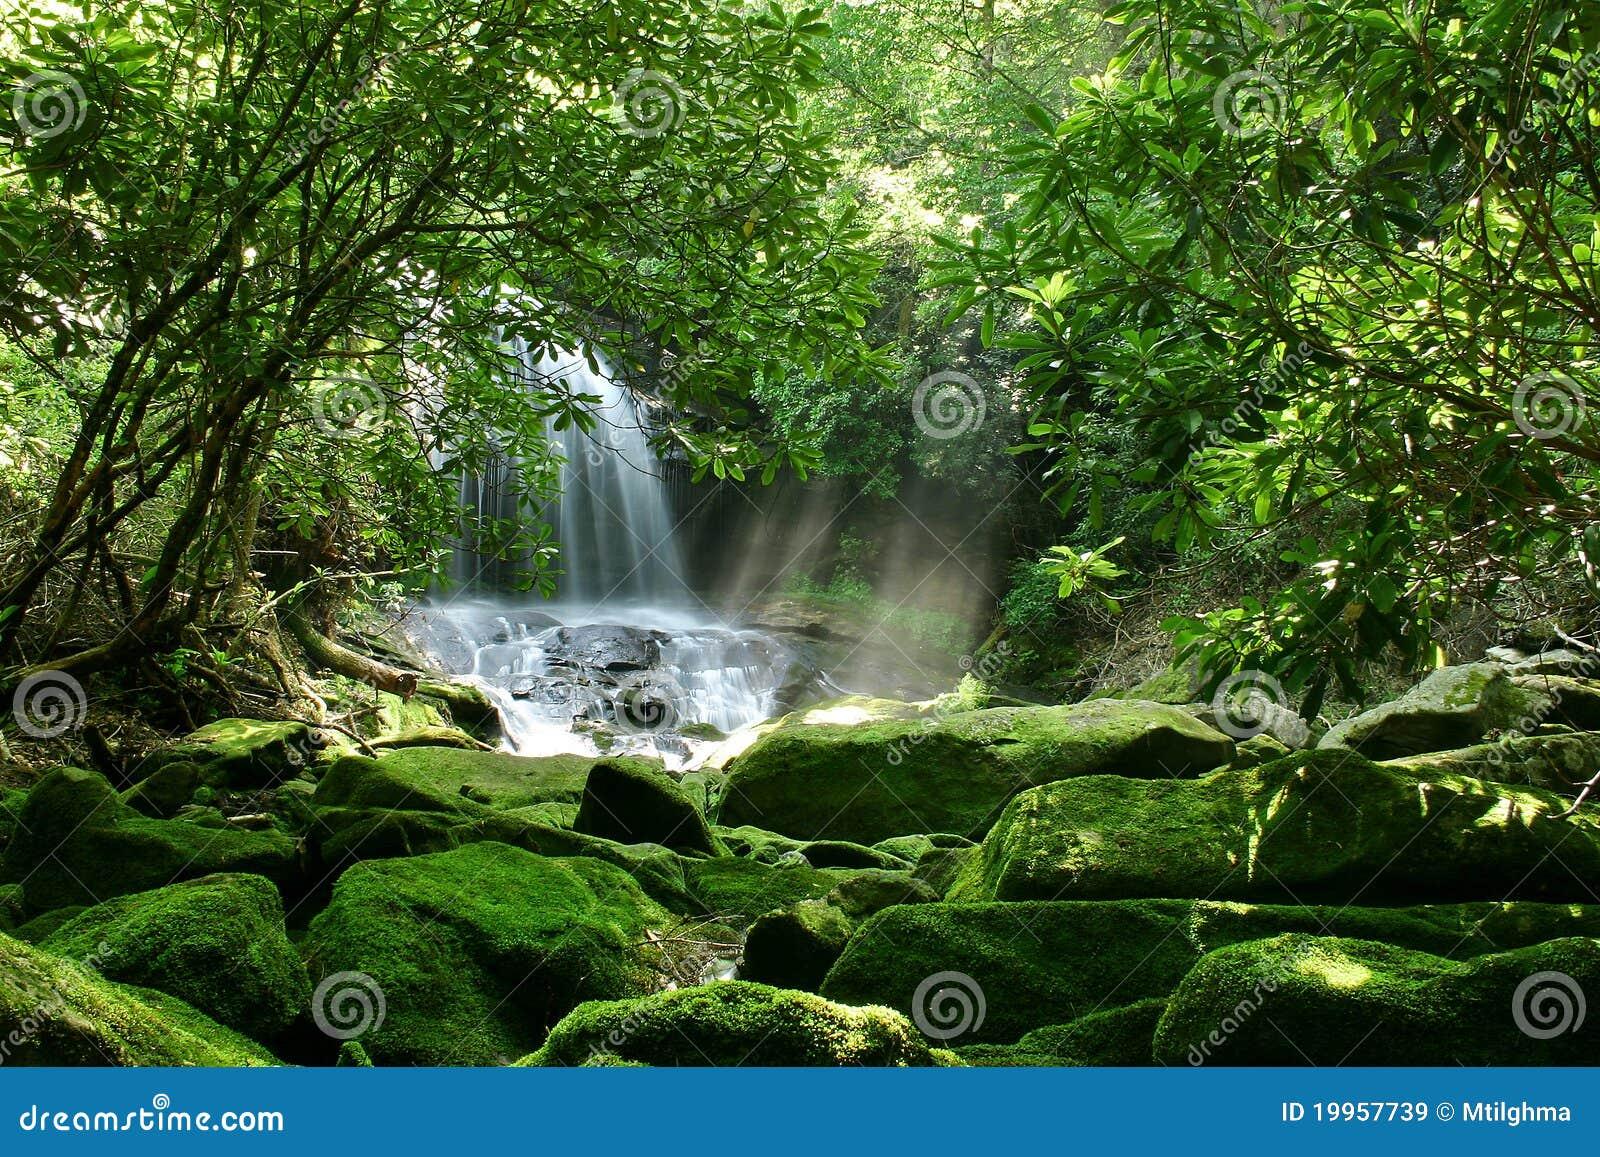 Cachoeira escondida da floresta tropical